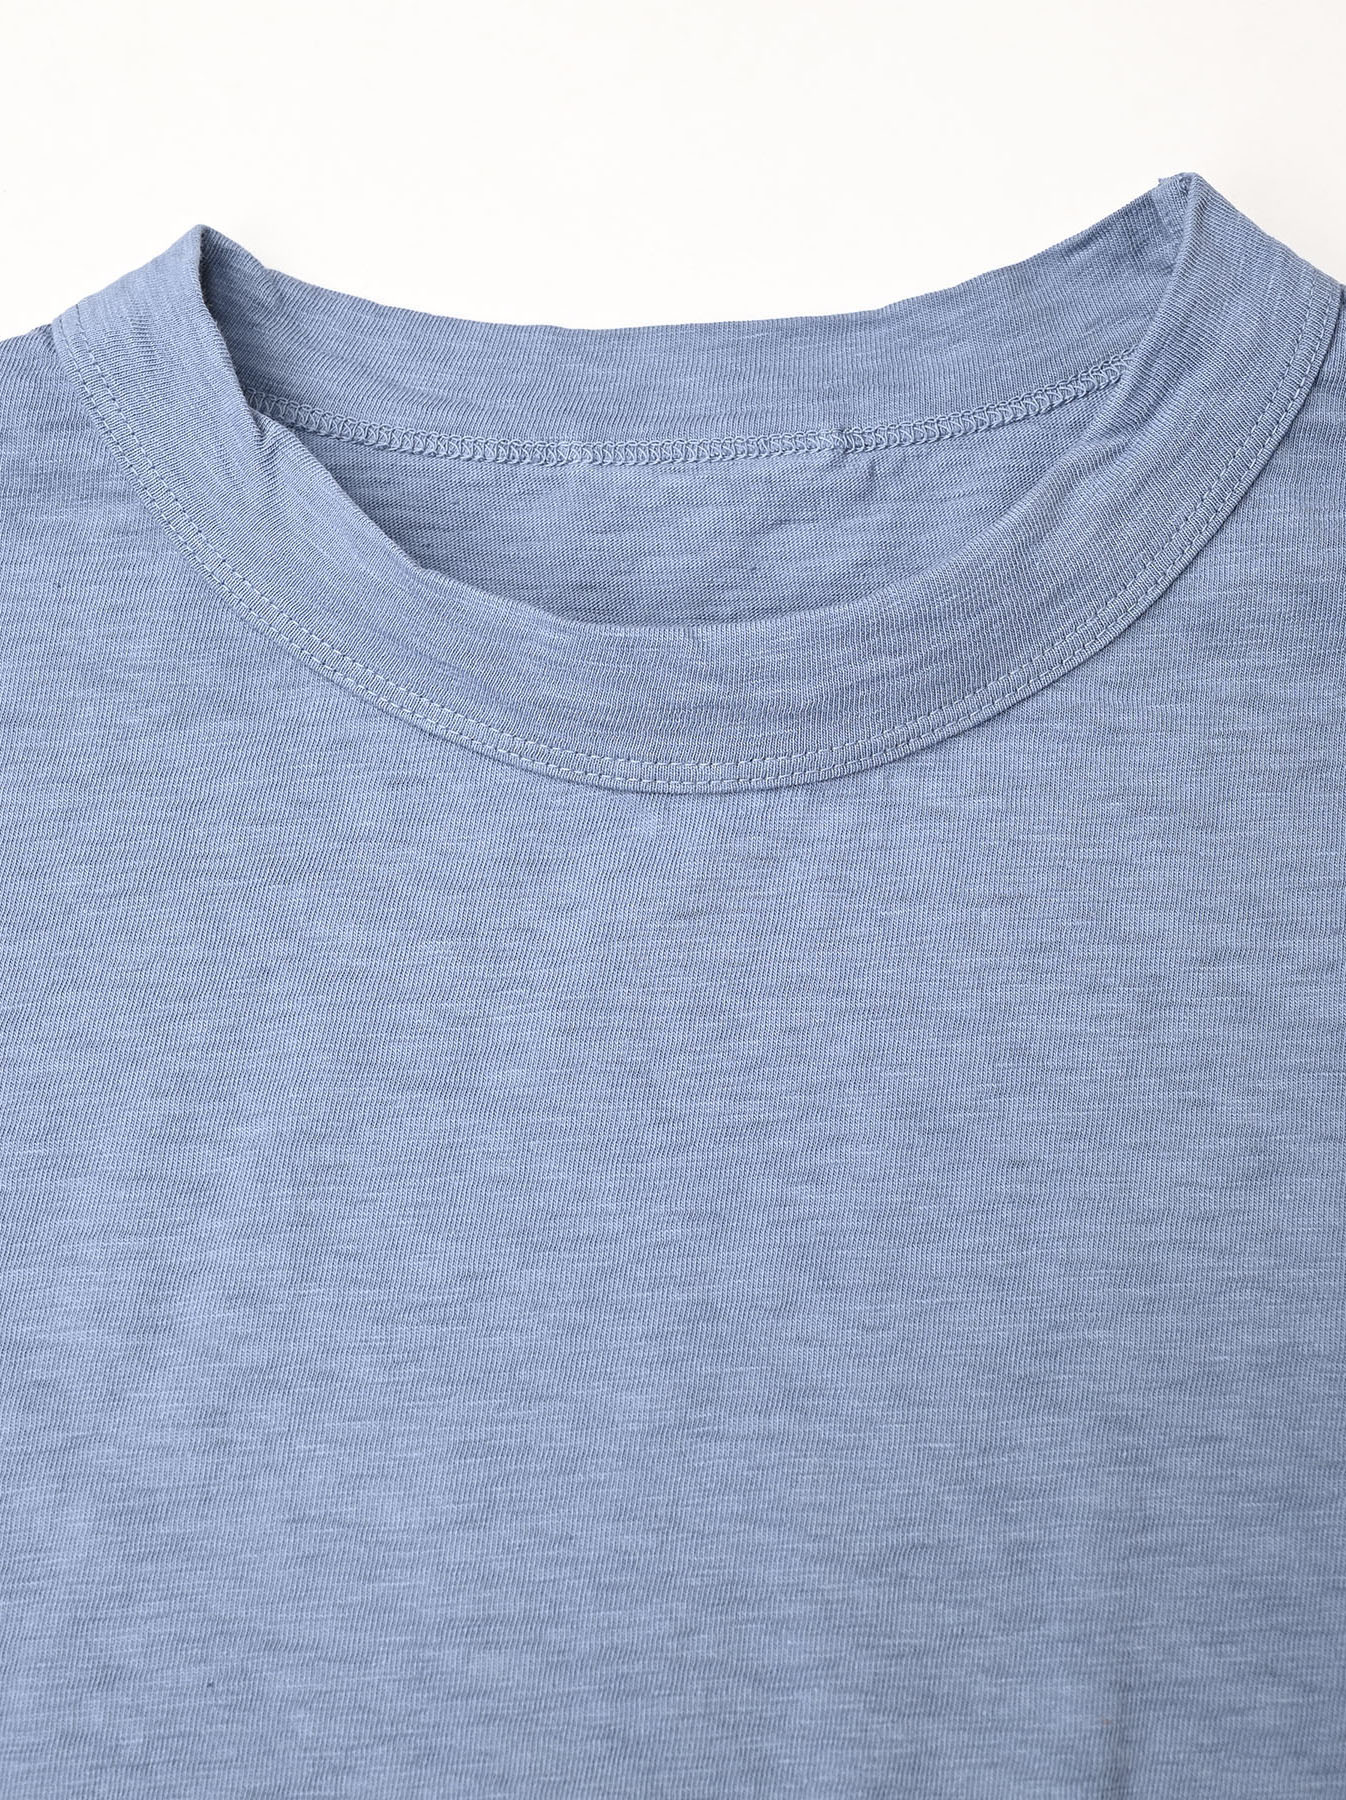 Zimbabwe Cotton Square T-shirt-7